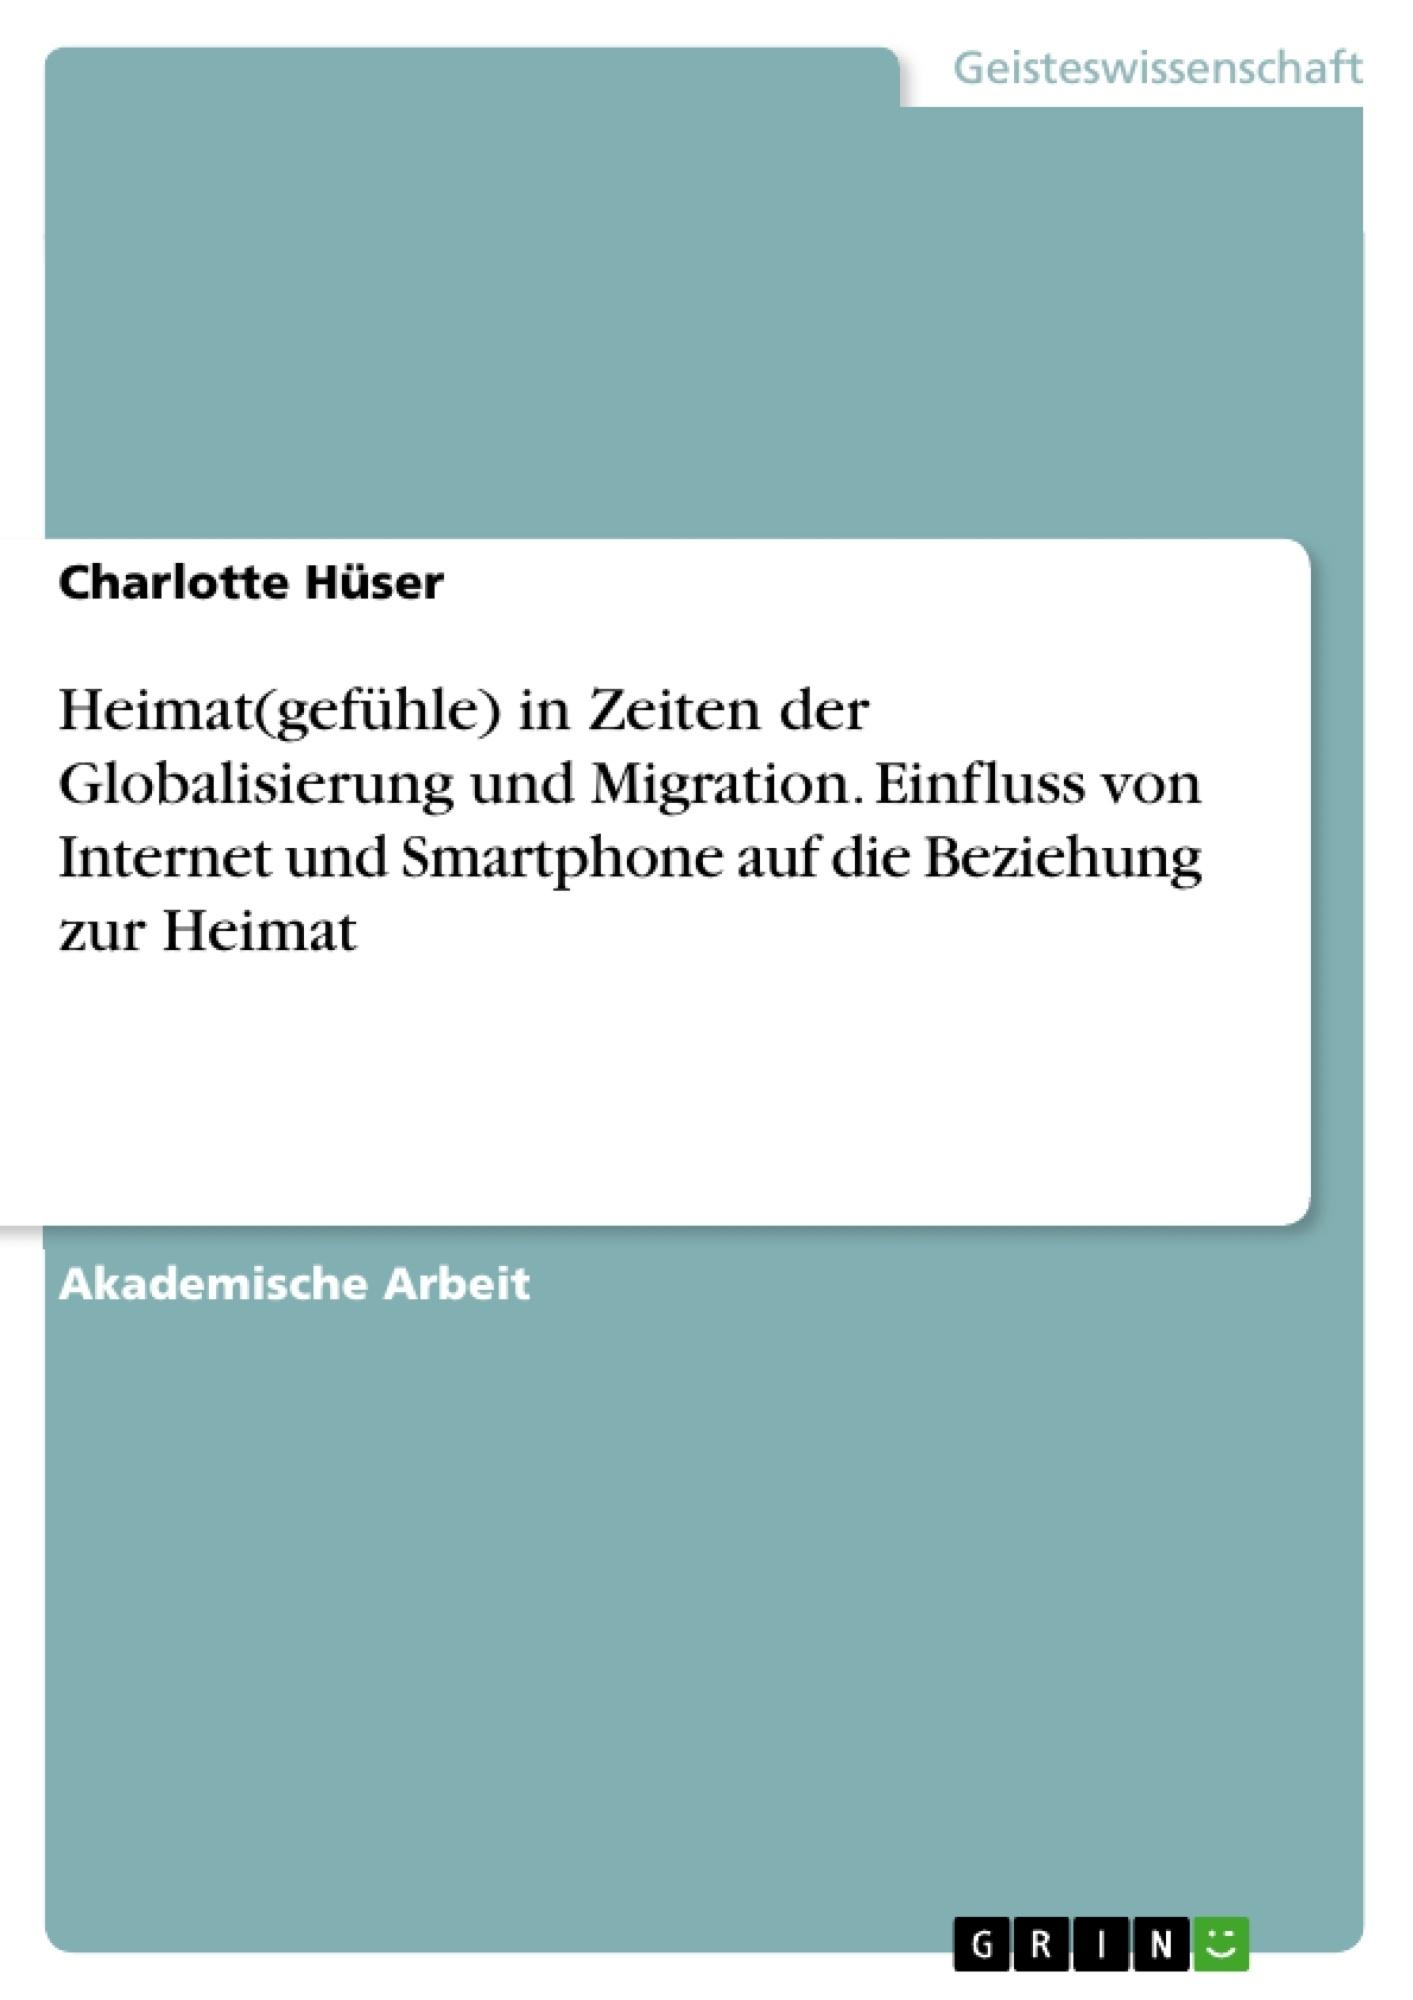 Titel: Heimat(gefühle) in Zeiten der Globalisierung und Migration. Einfluss von Internet und Smartphone auf die Beziehung zur Heimat